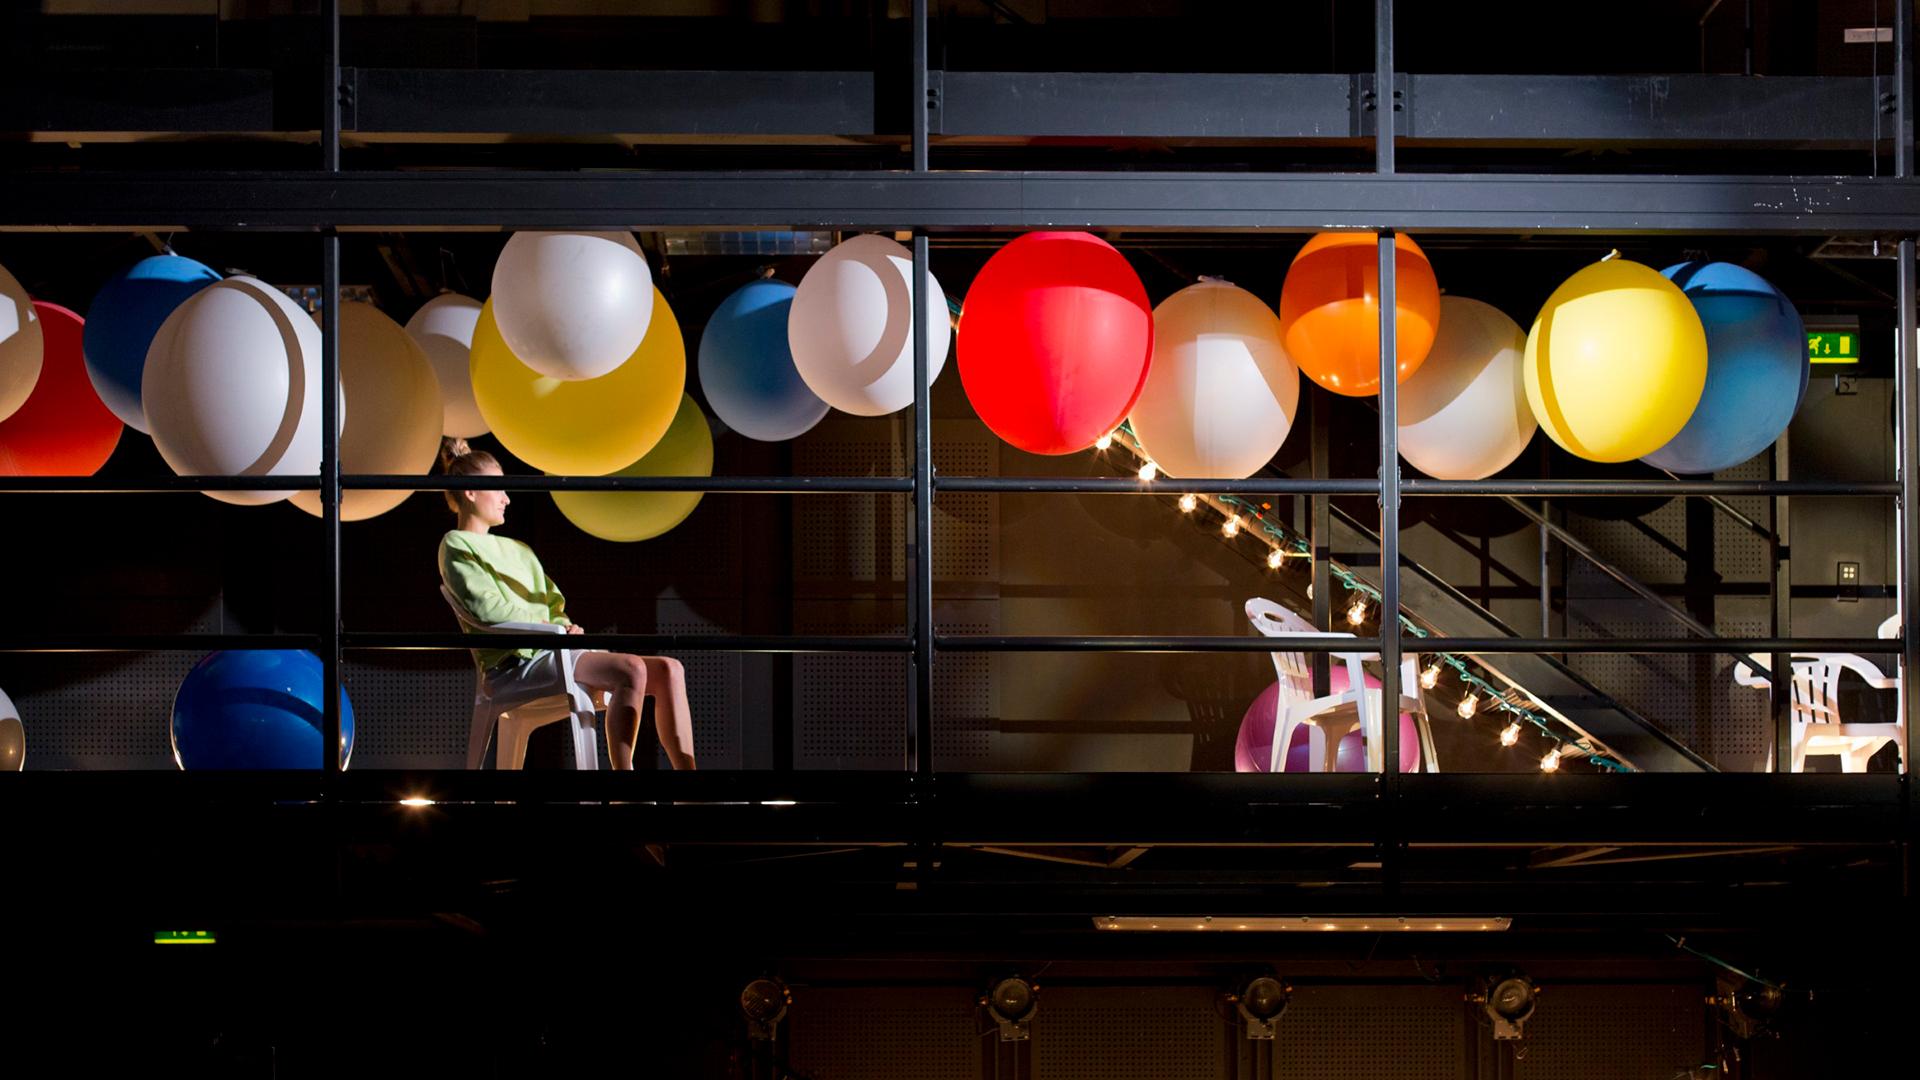 Esiintyjä kuvan vasemmassa reunassa istuu tuolilla lavarakennelmassa, joka on lähellä katonrajaa. Katosta roikkuu suuria erivärisiä ilmapalloja. Taustalla keijuvaloja.